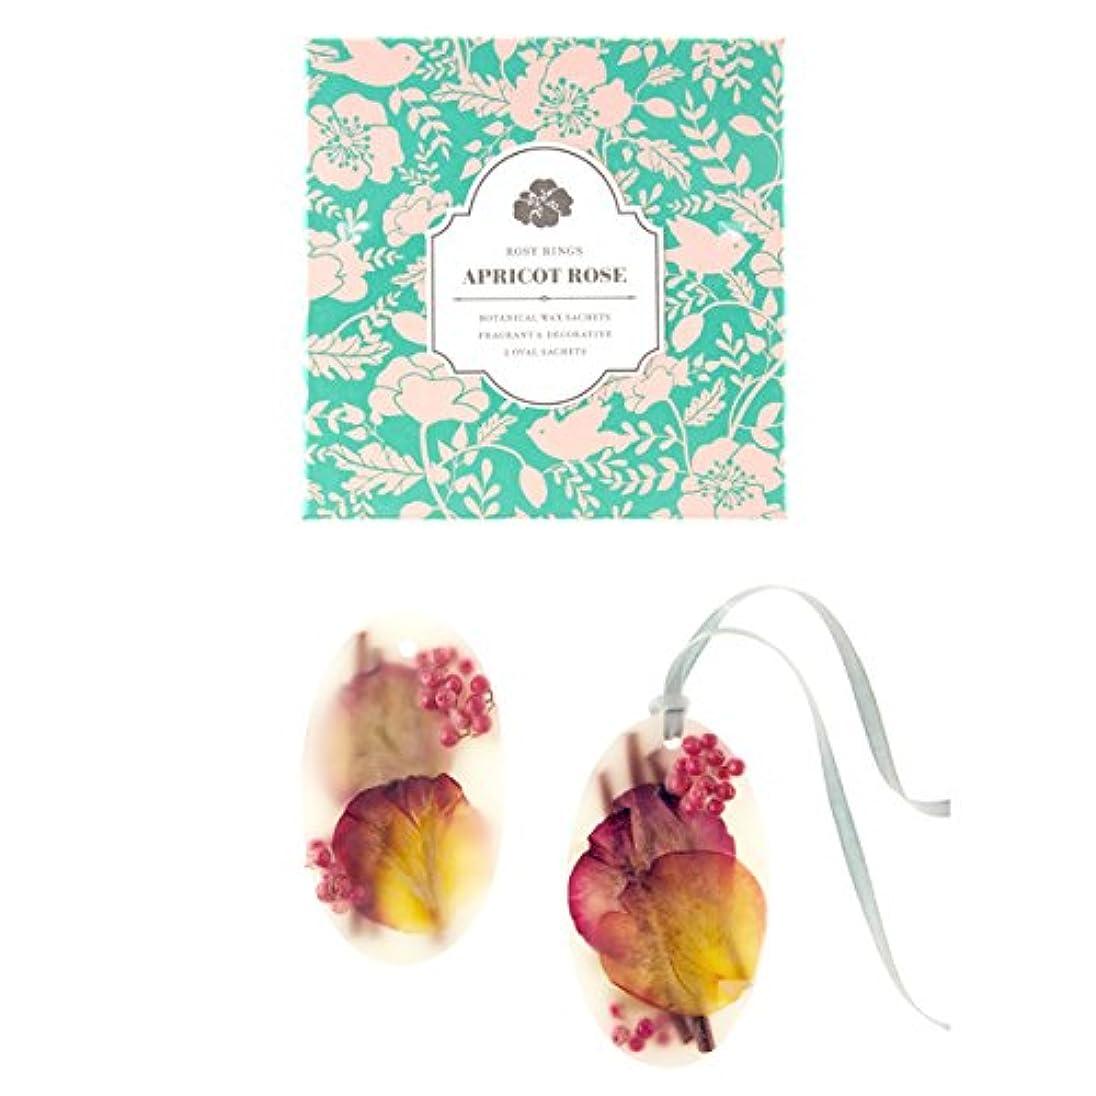 スクリーチ症状畝間ロージーリングス ボタニカルワックスサシェ オーバル アプリコット&ローズ ROSY RINGS Signature Collection Botanical Wax Sachets – Apricot Rose